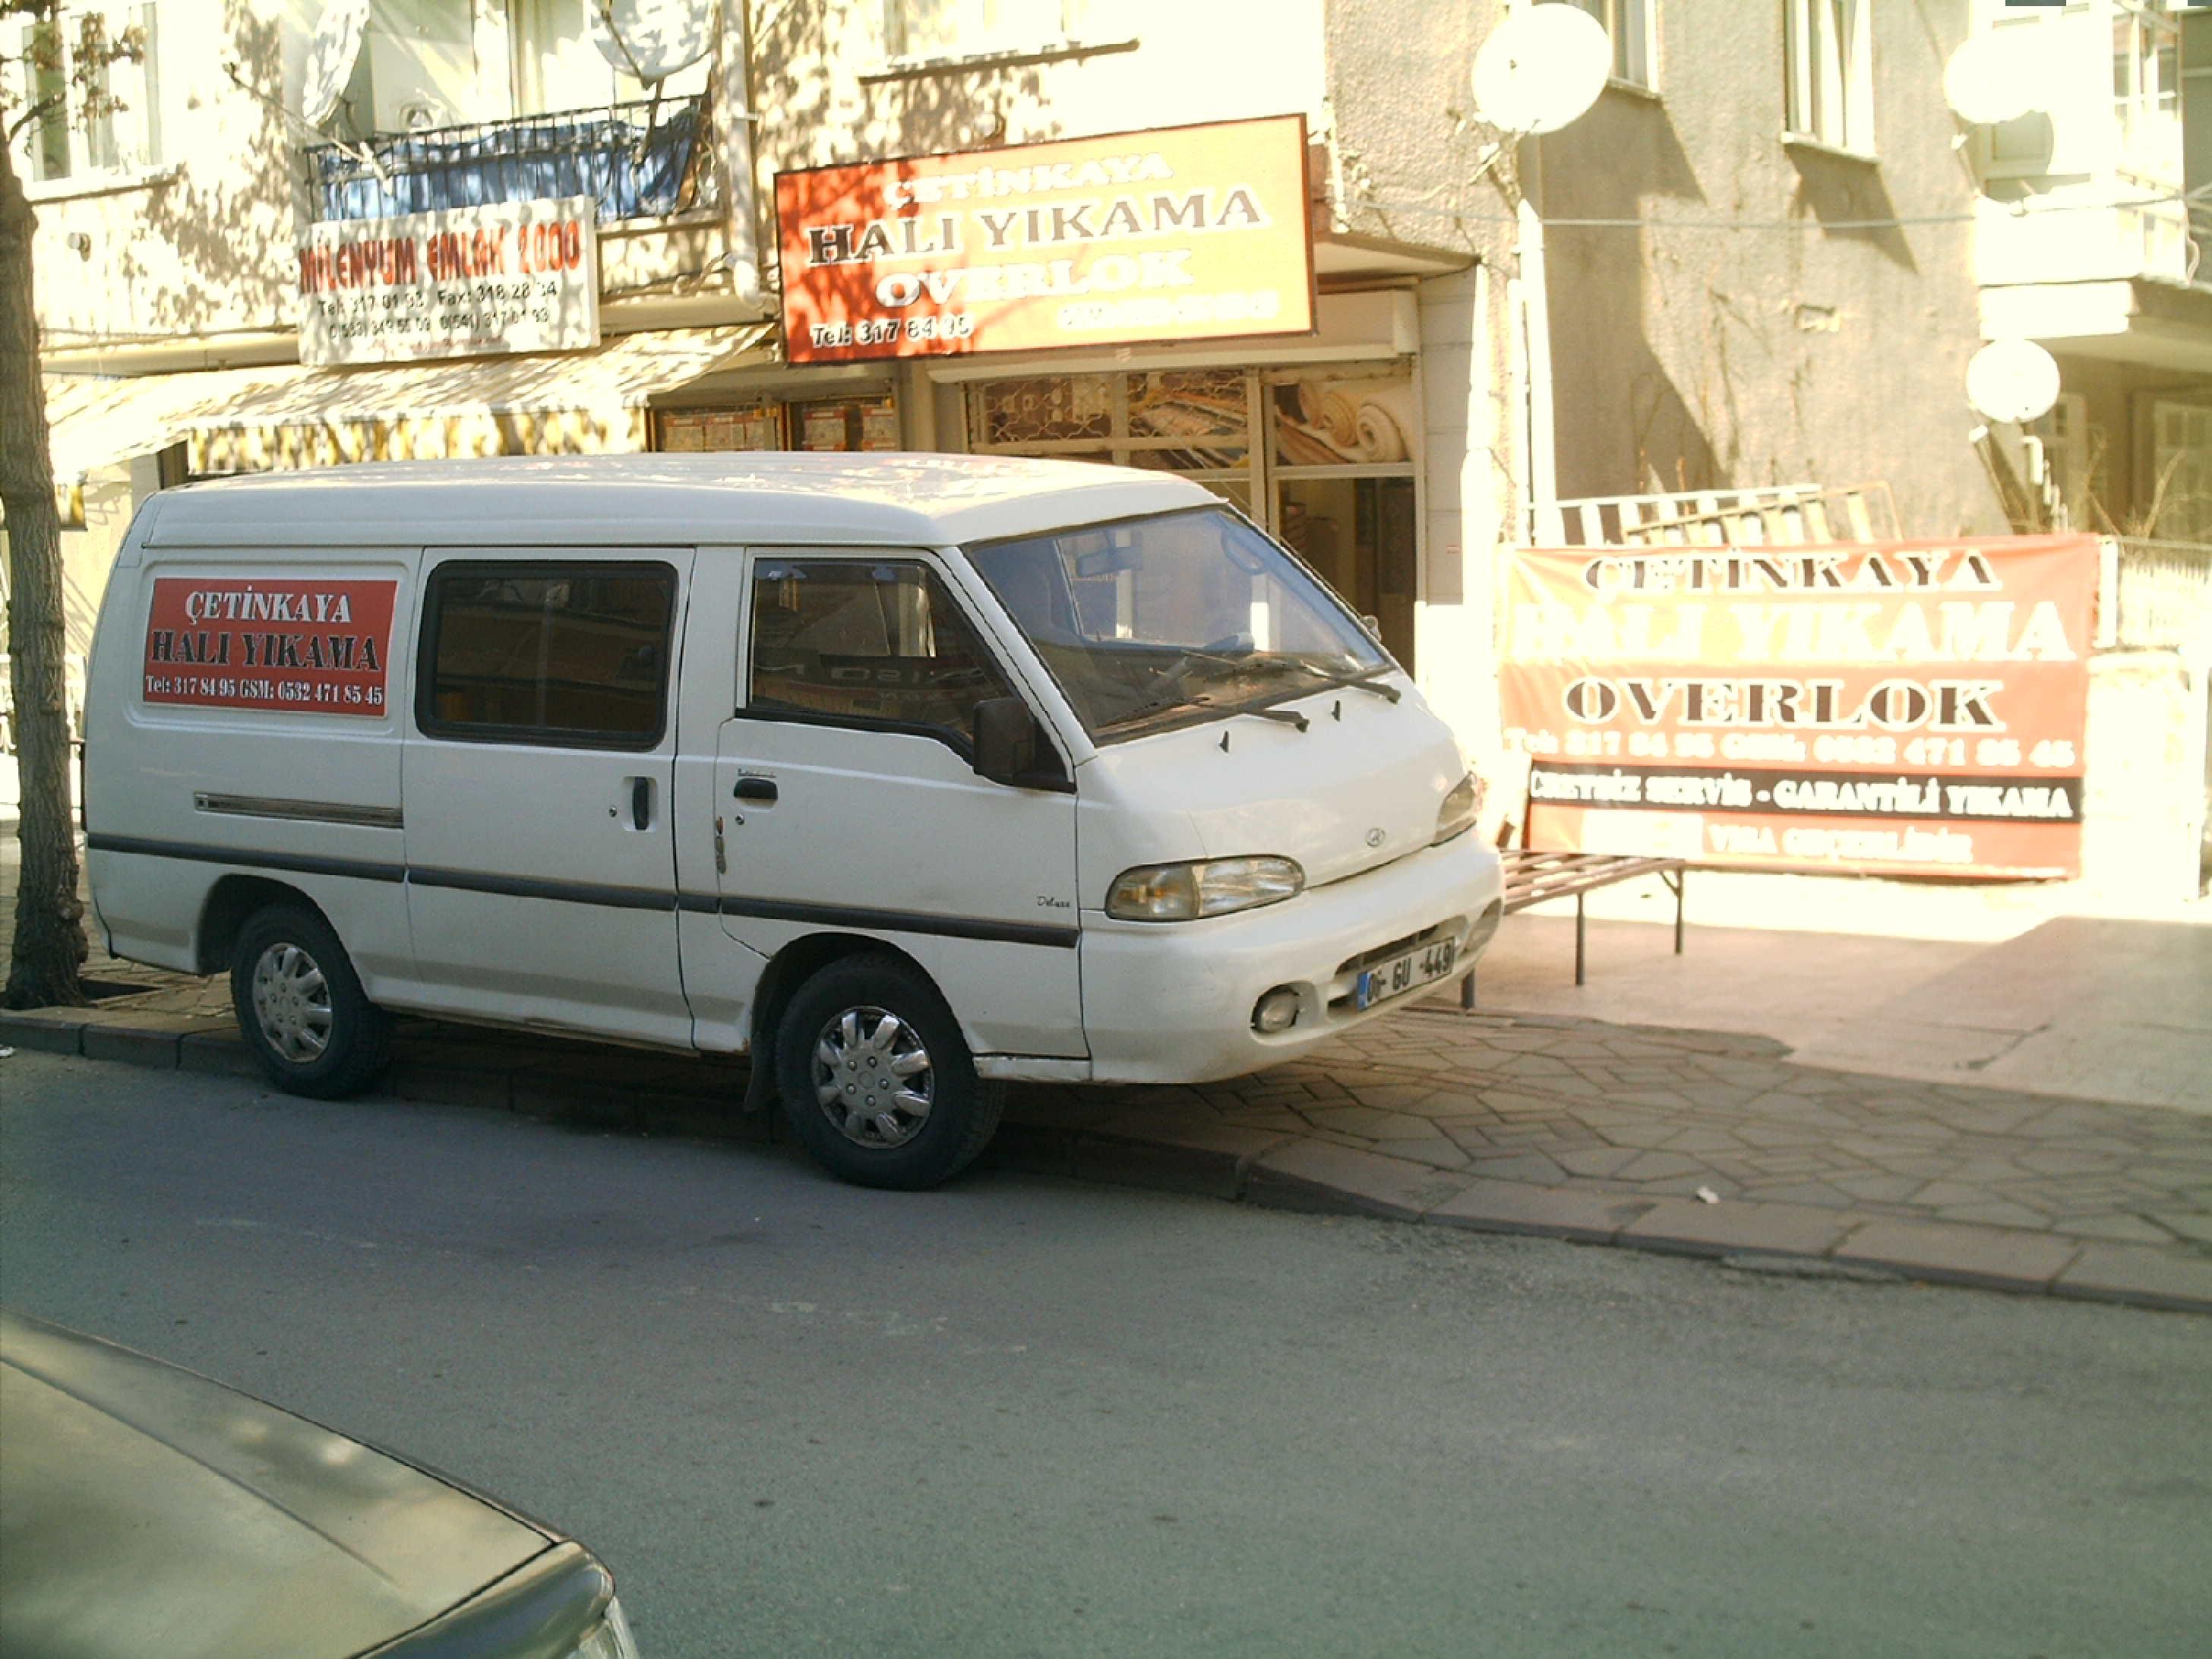 özevler_hali_yikama_servis-1 (3)